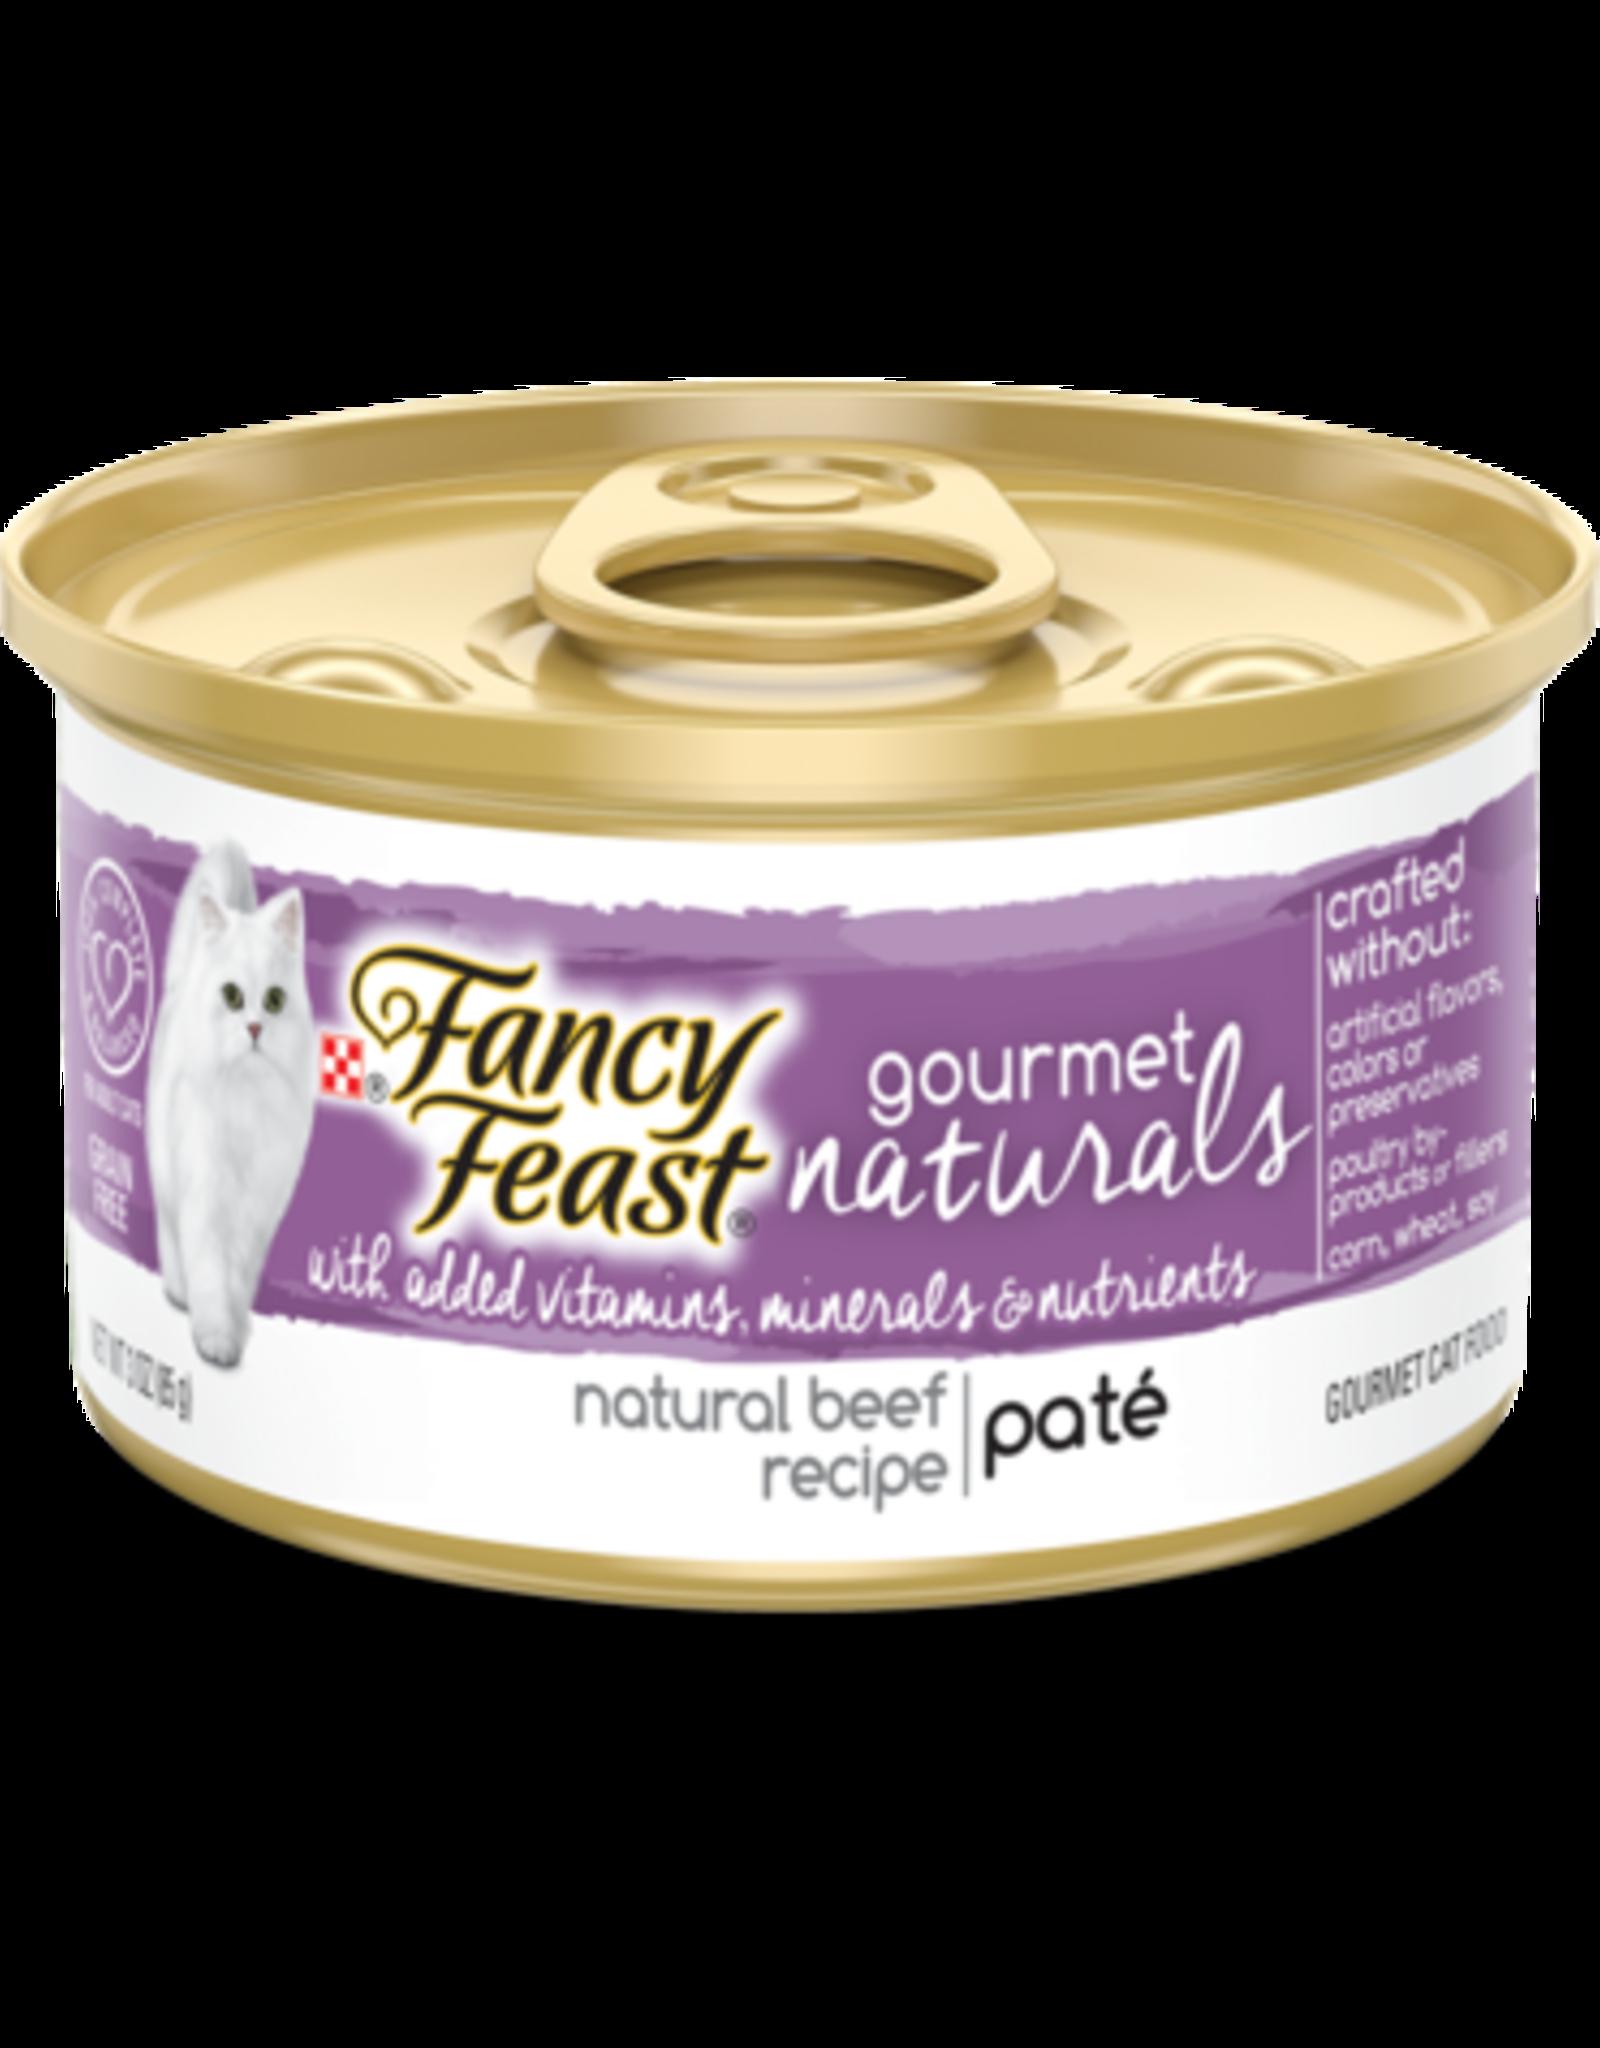 FANCY FEAST GOURMET NATURALS TENDER BEEF PATE 3OZ CASE OF 12